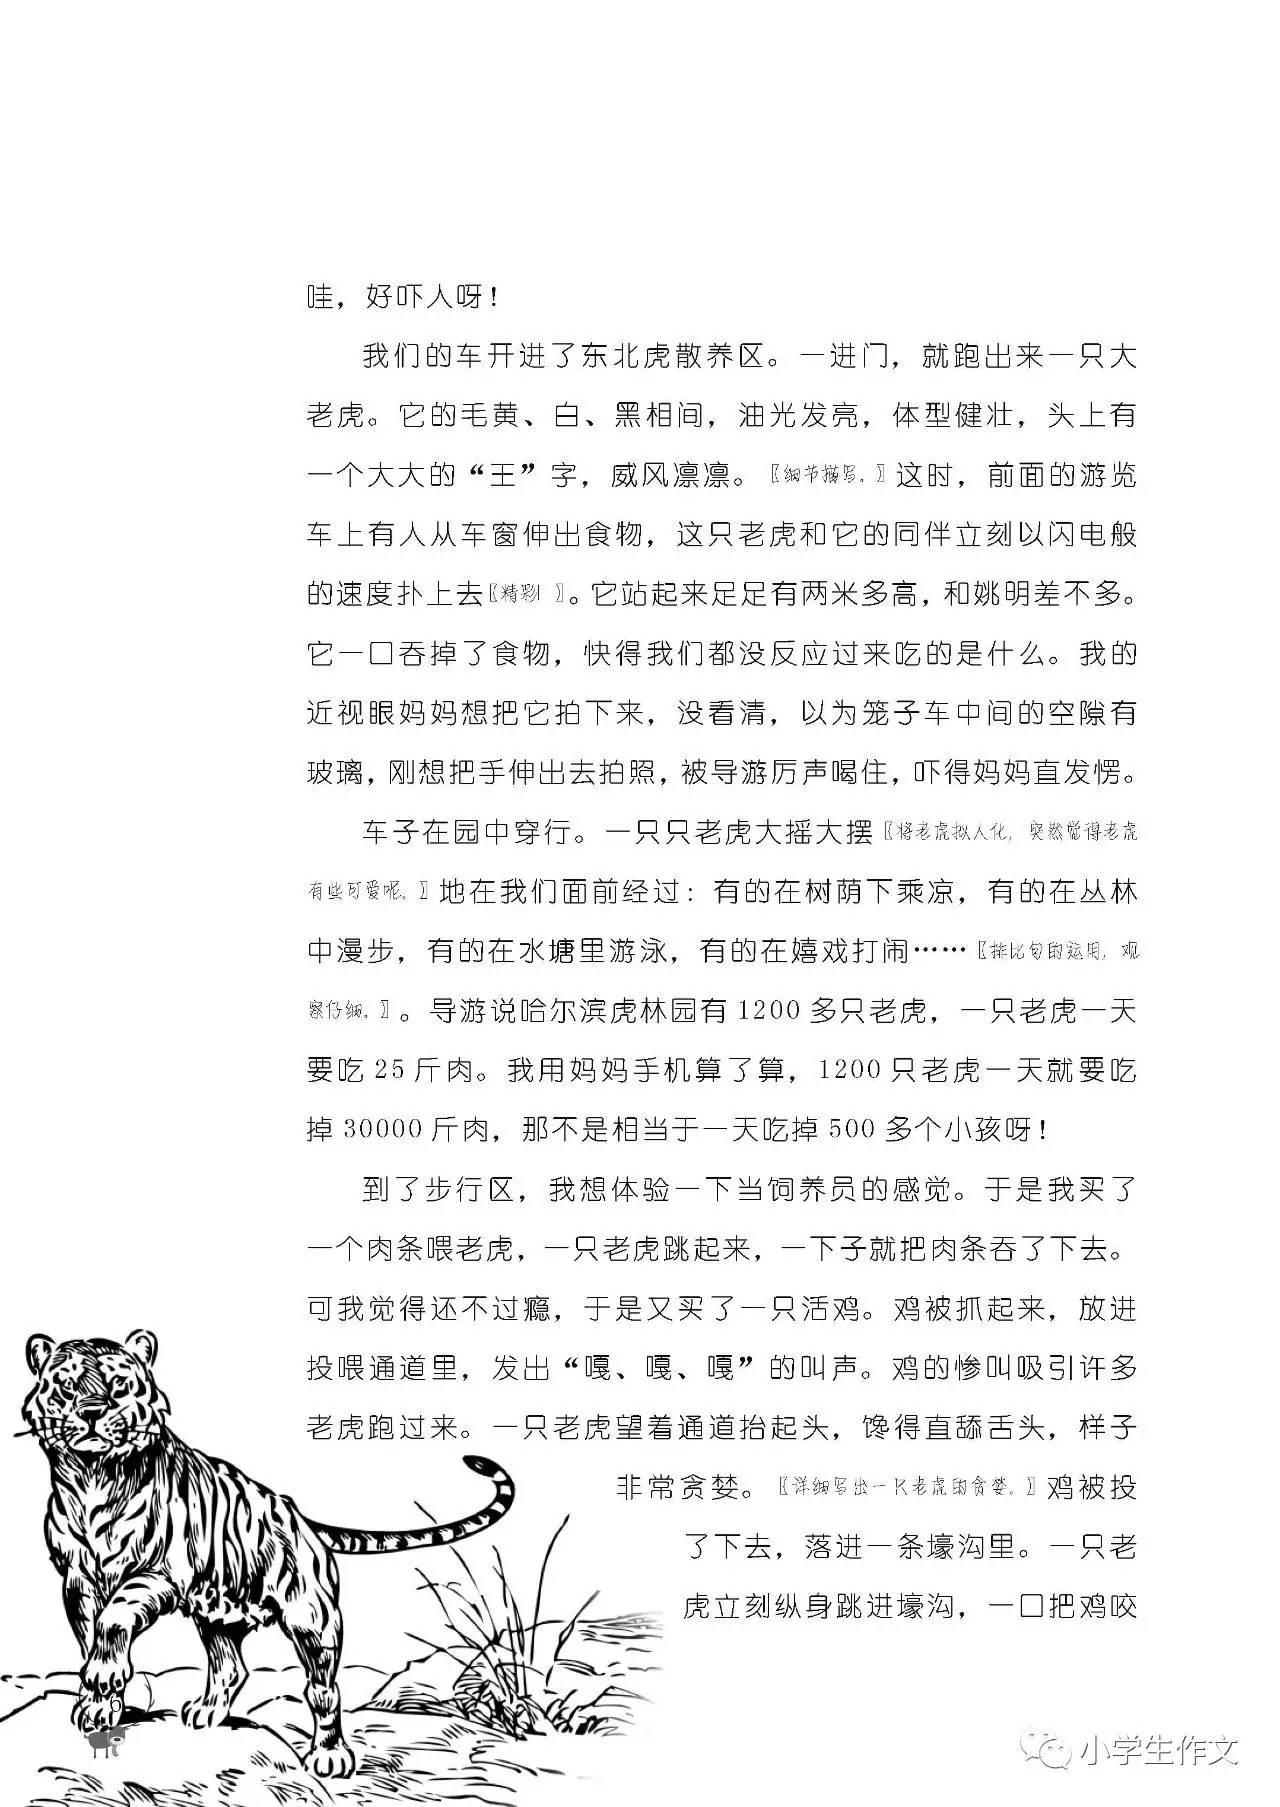 【免费领】新年小学:简谱礼物音乐创刊号+新年小学作文打字机杂志图片